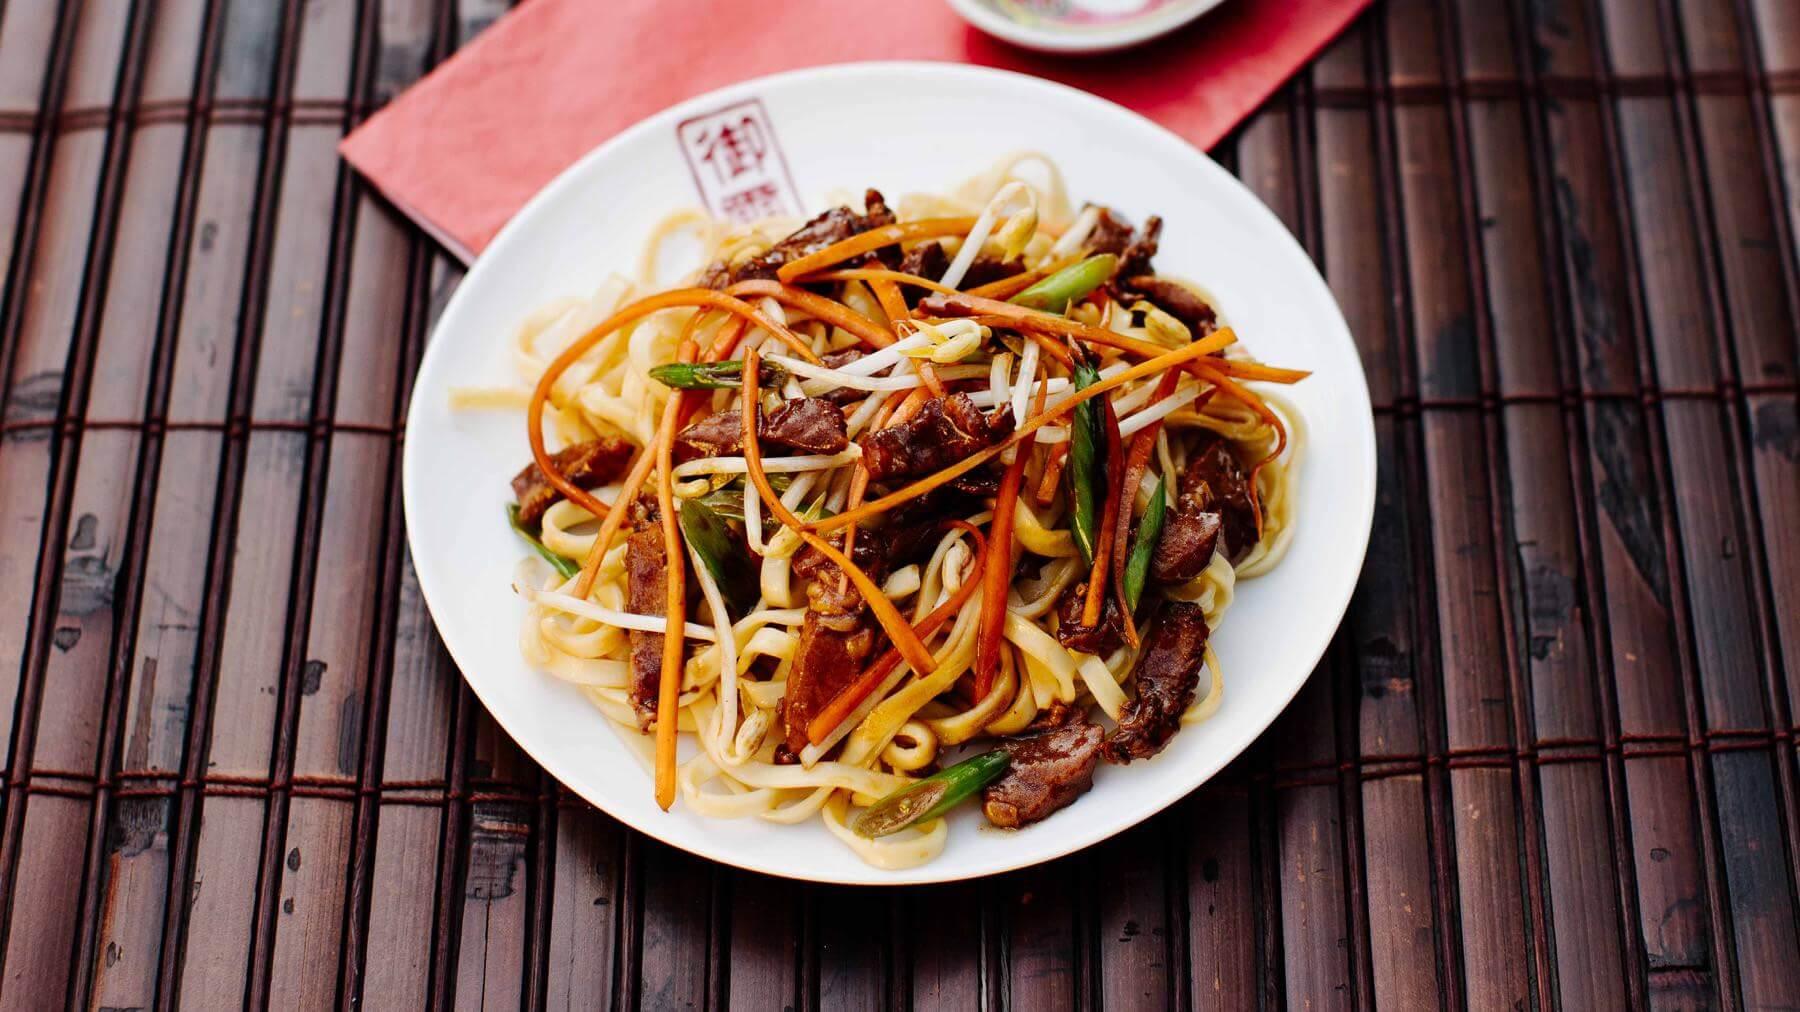 Gebratene Nudeln aus dem Wok mit Schweinefleisch – Zhu Rou Chao Mian